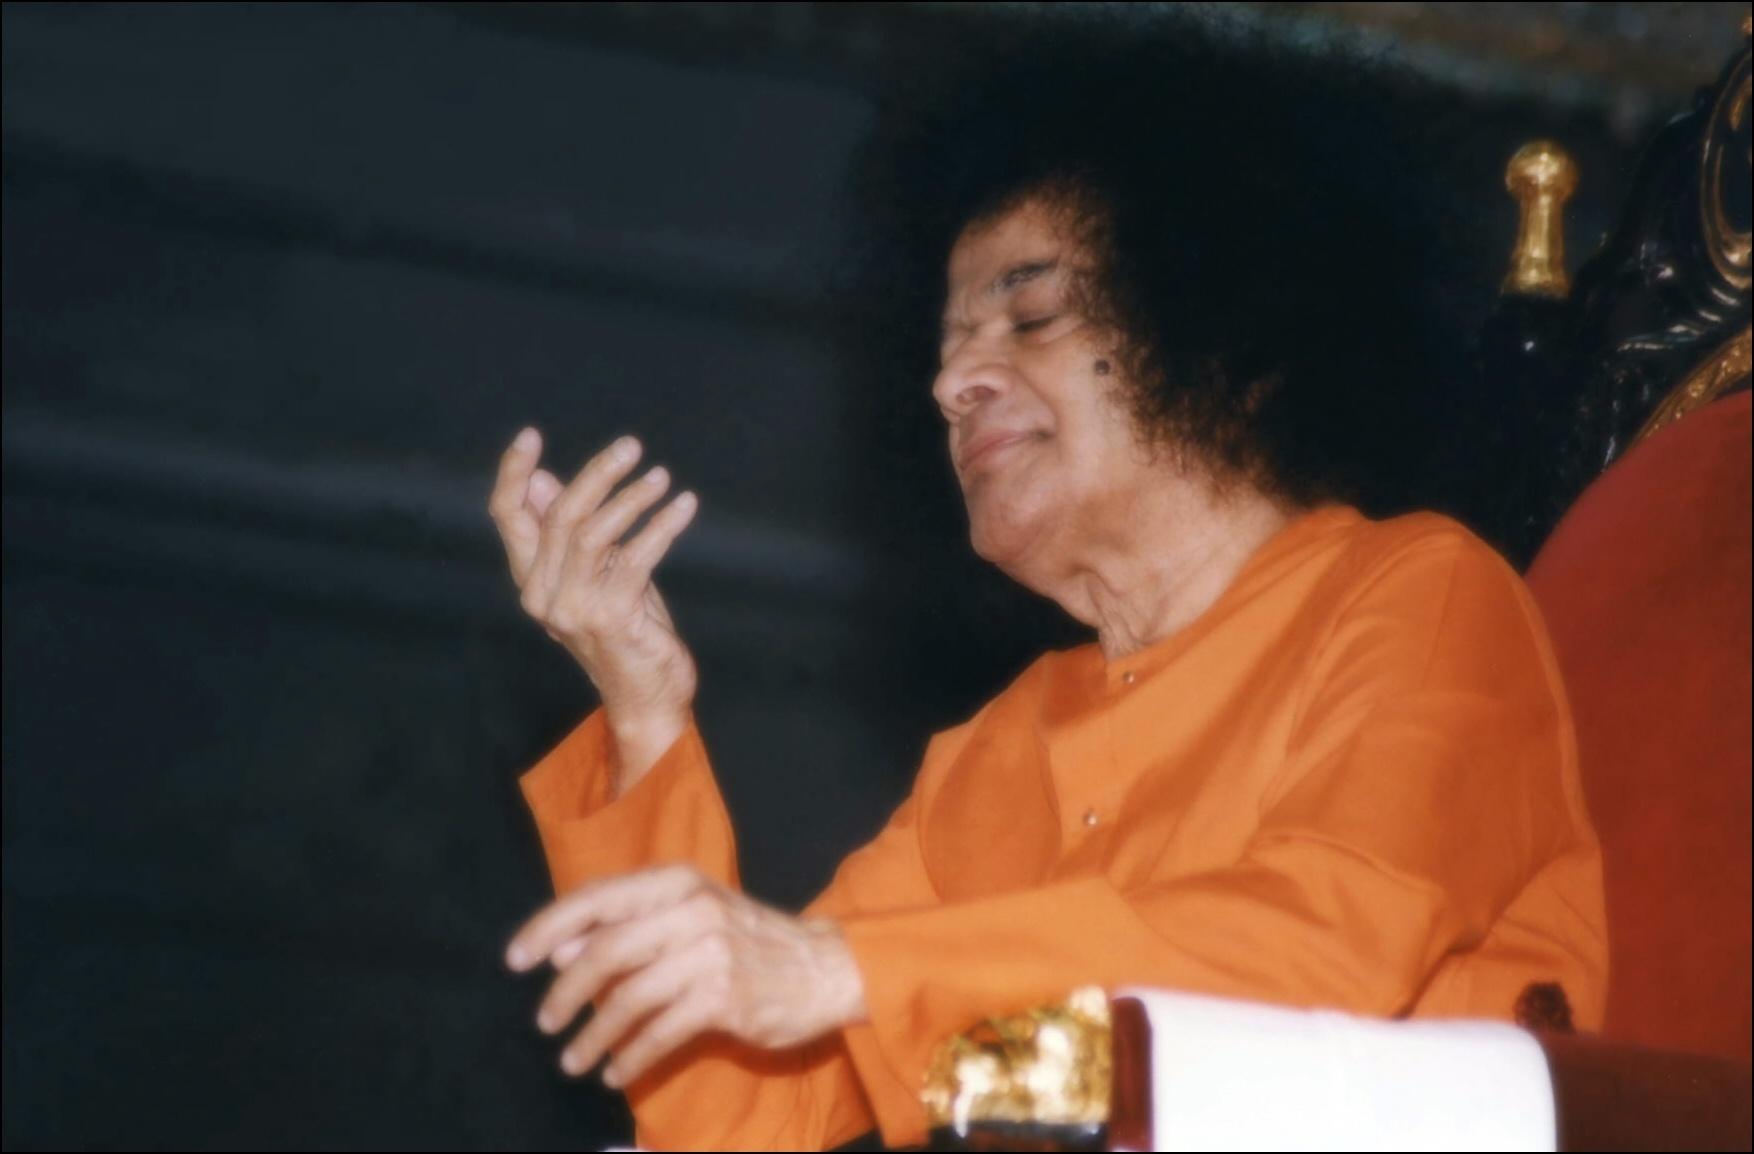 swami-inner-bliss-002.jpg